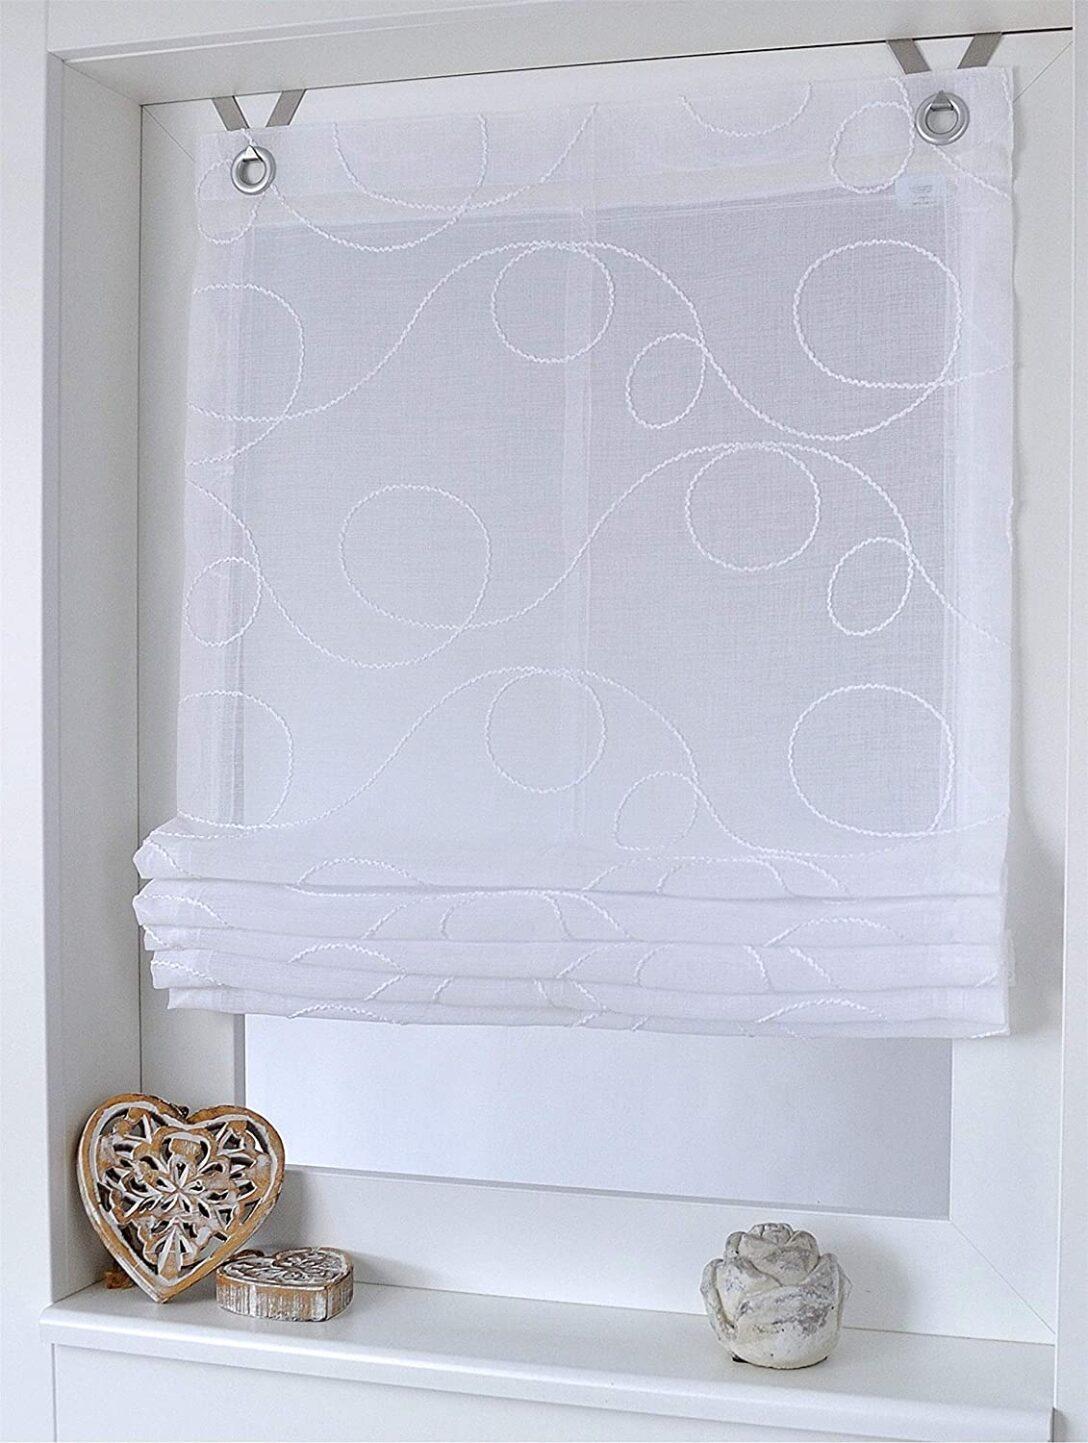 Large Size of Amazonde Raffrollo Senrollo Jasmin Stick Weiss 100 130 Cm Küche Wohnzimmer Raffrollo Küchenfenster